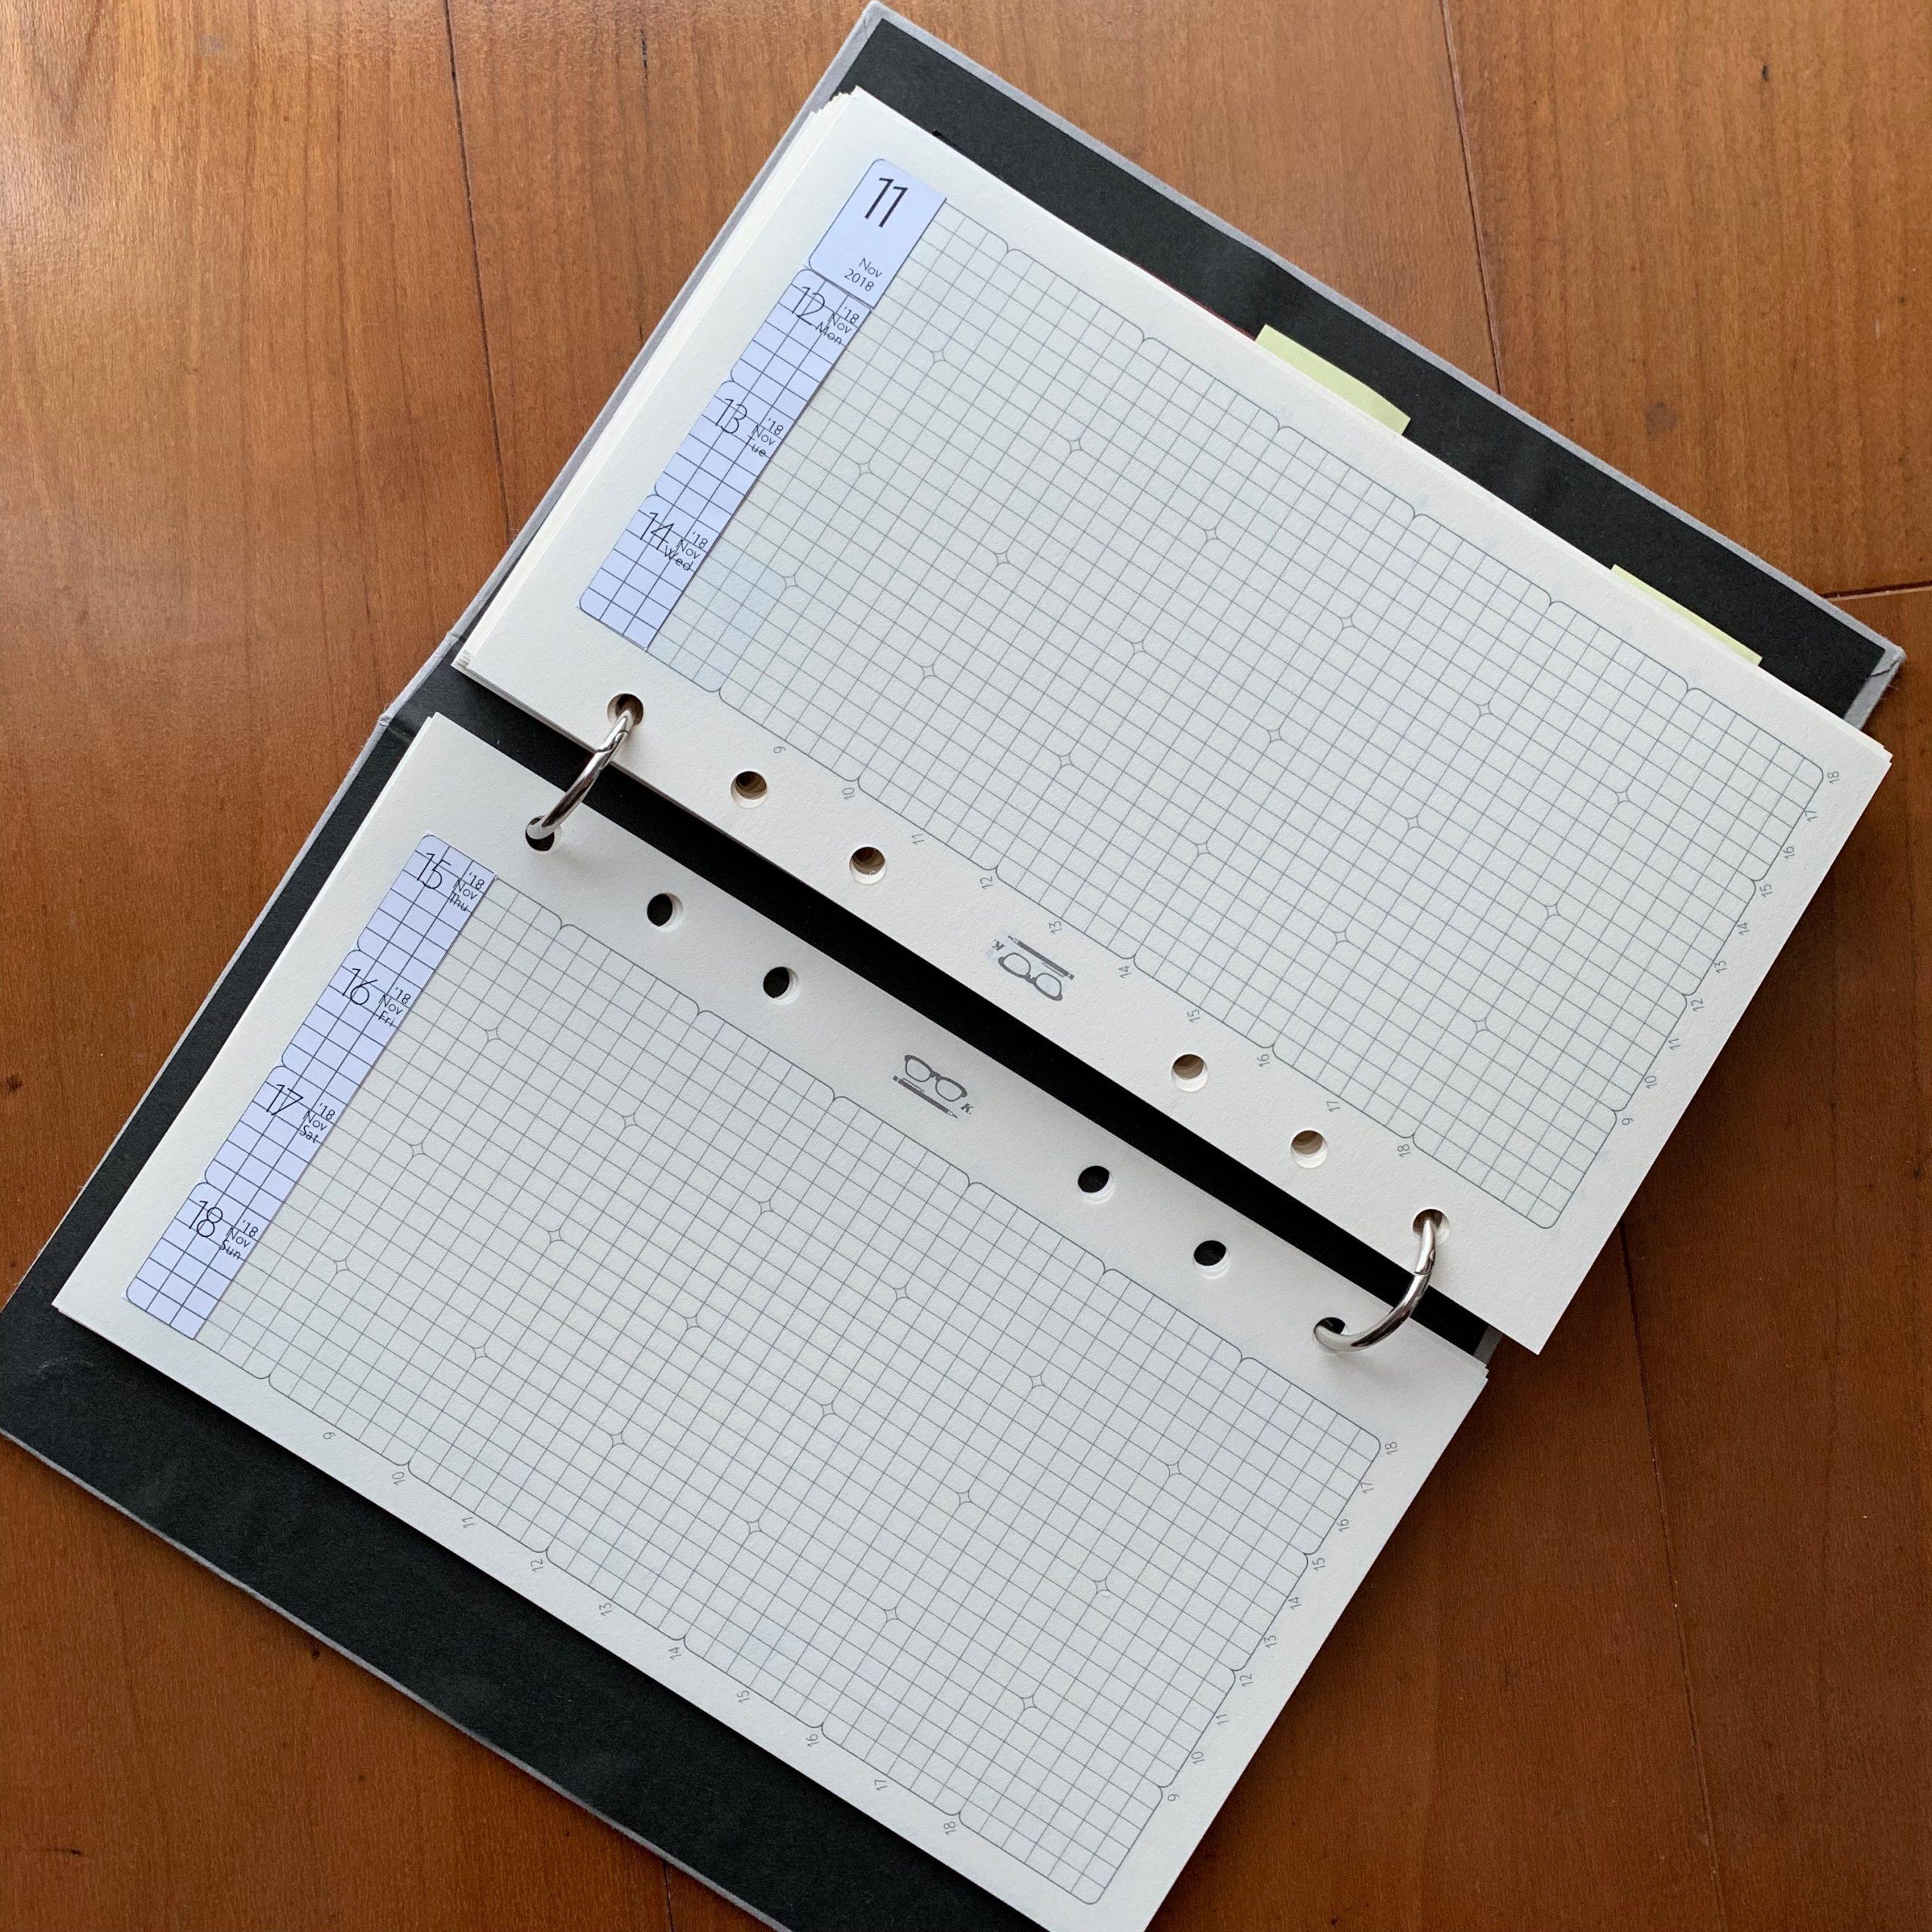 「レフト1週間」手帳をめくる方向が逆になりますが、一応ヨコ置きもOKです。